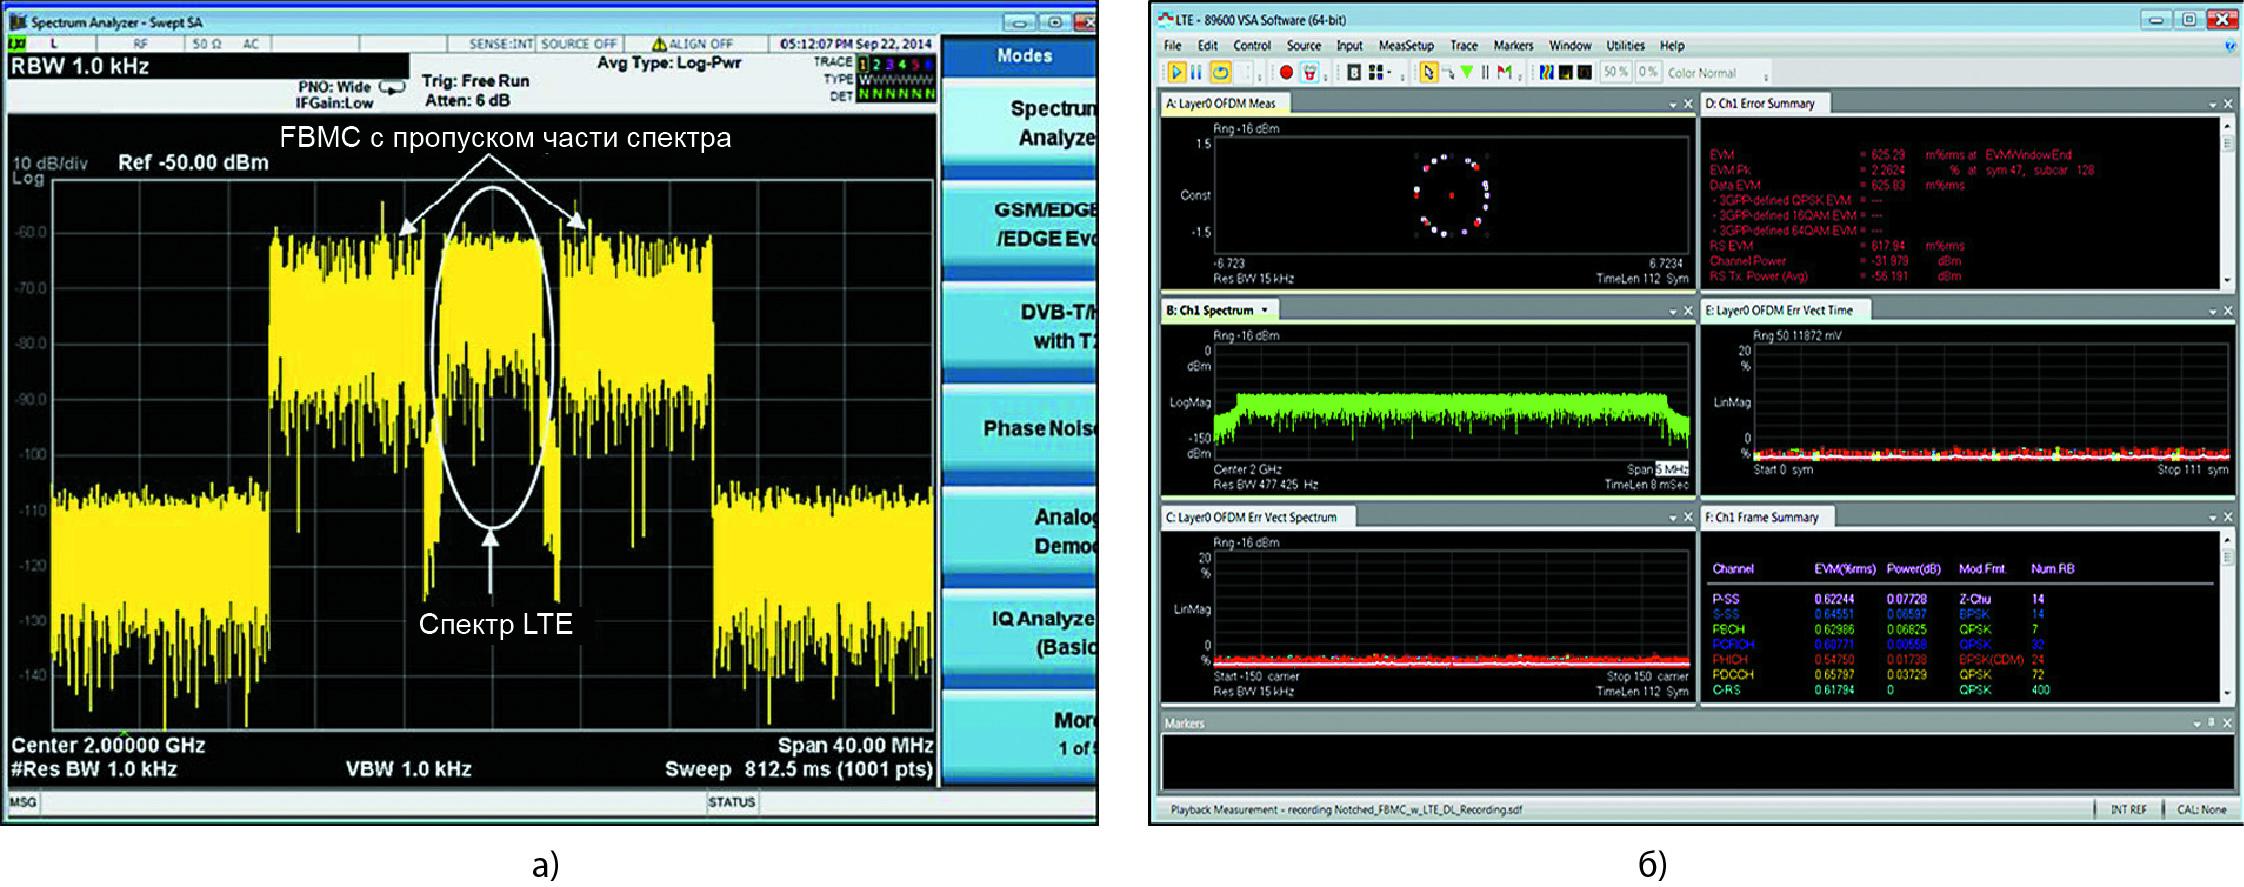 Анализ спектра с помощью ПО 89600 VSA позволяет получить